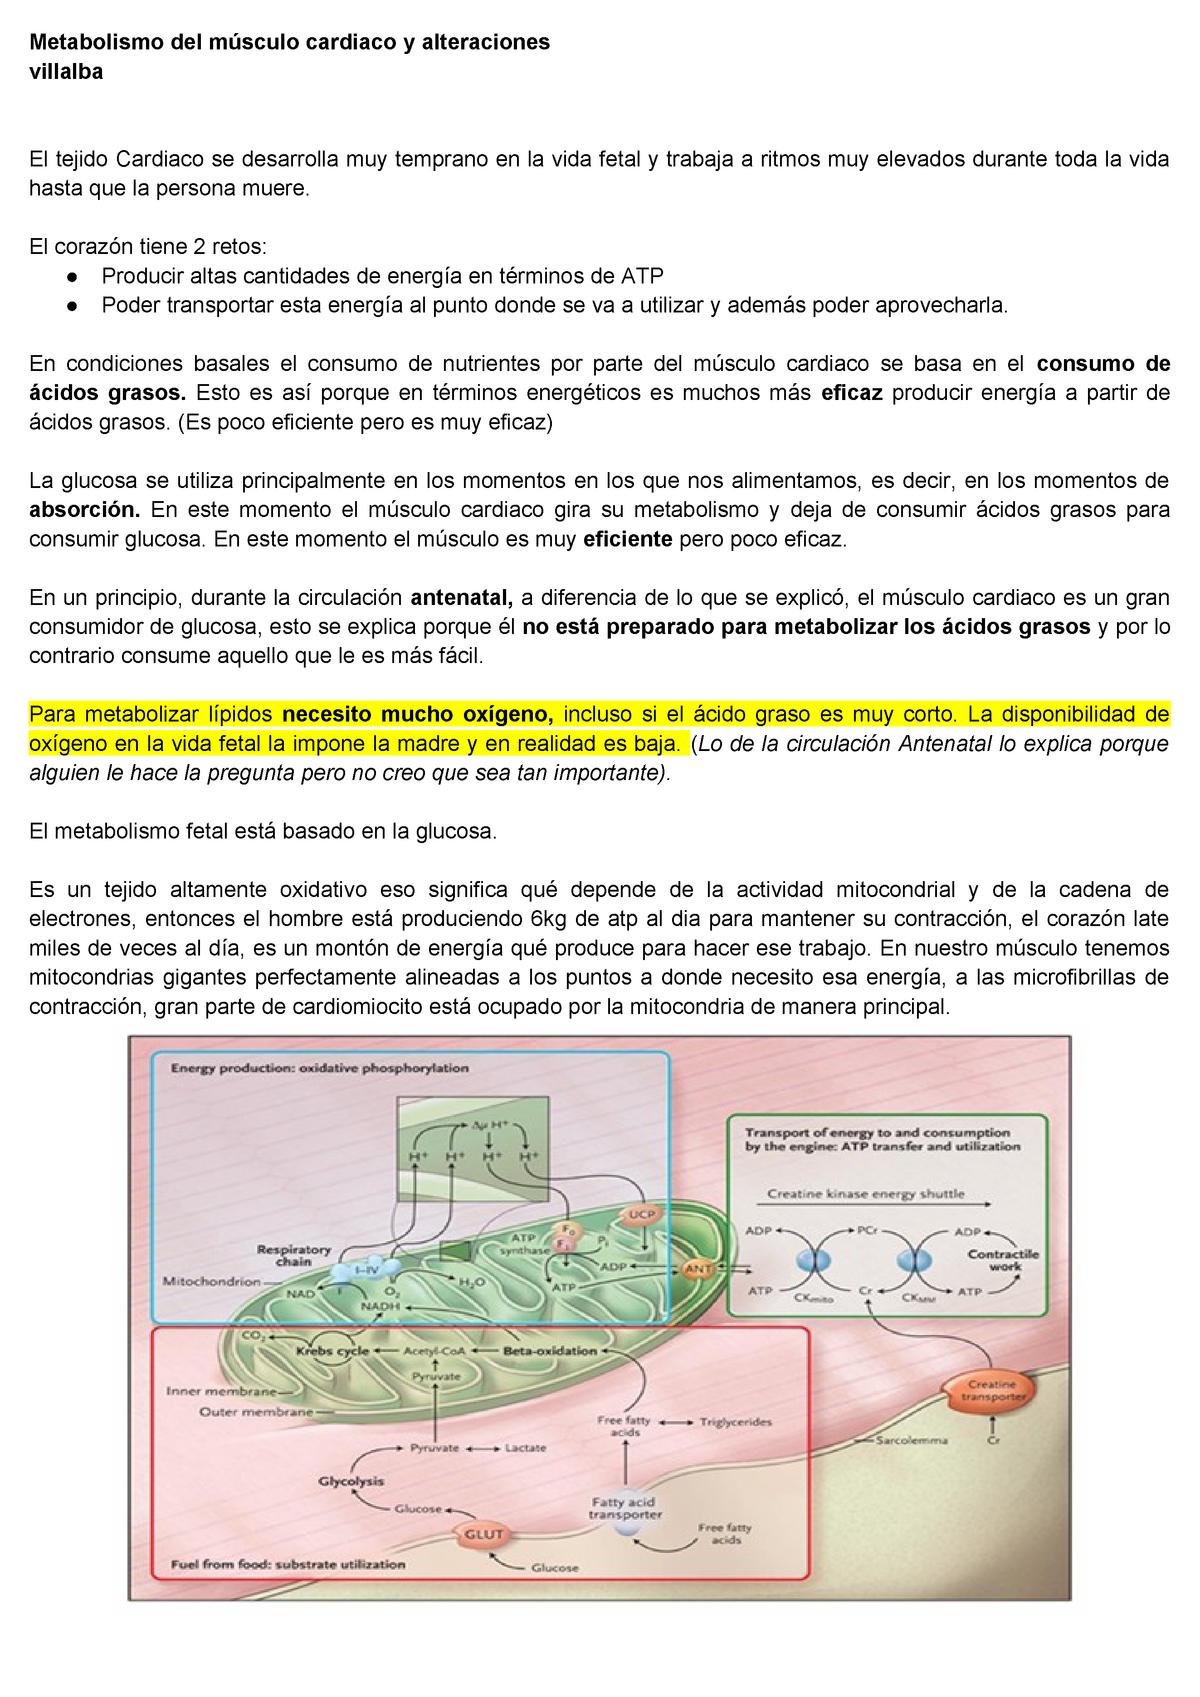 Refinar Punto de referencia A veces a veces  Metabolismo del músculo cardiaco y alteraciones - StuDocu